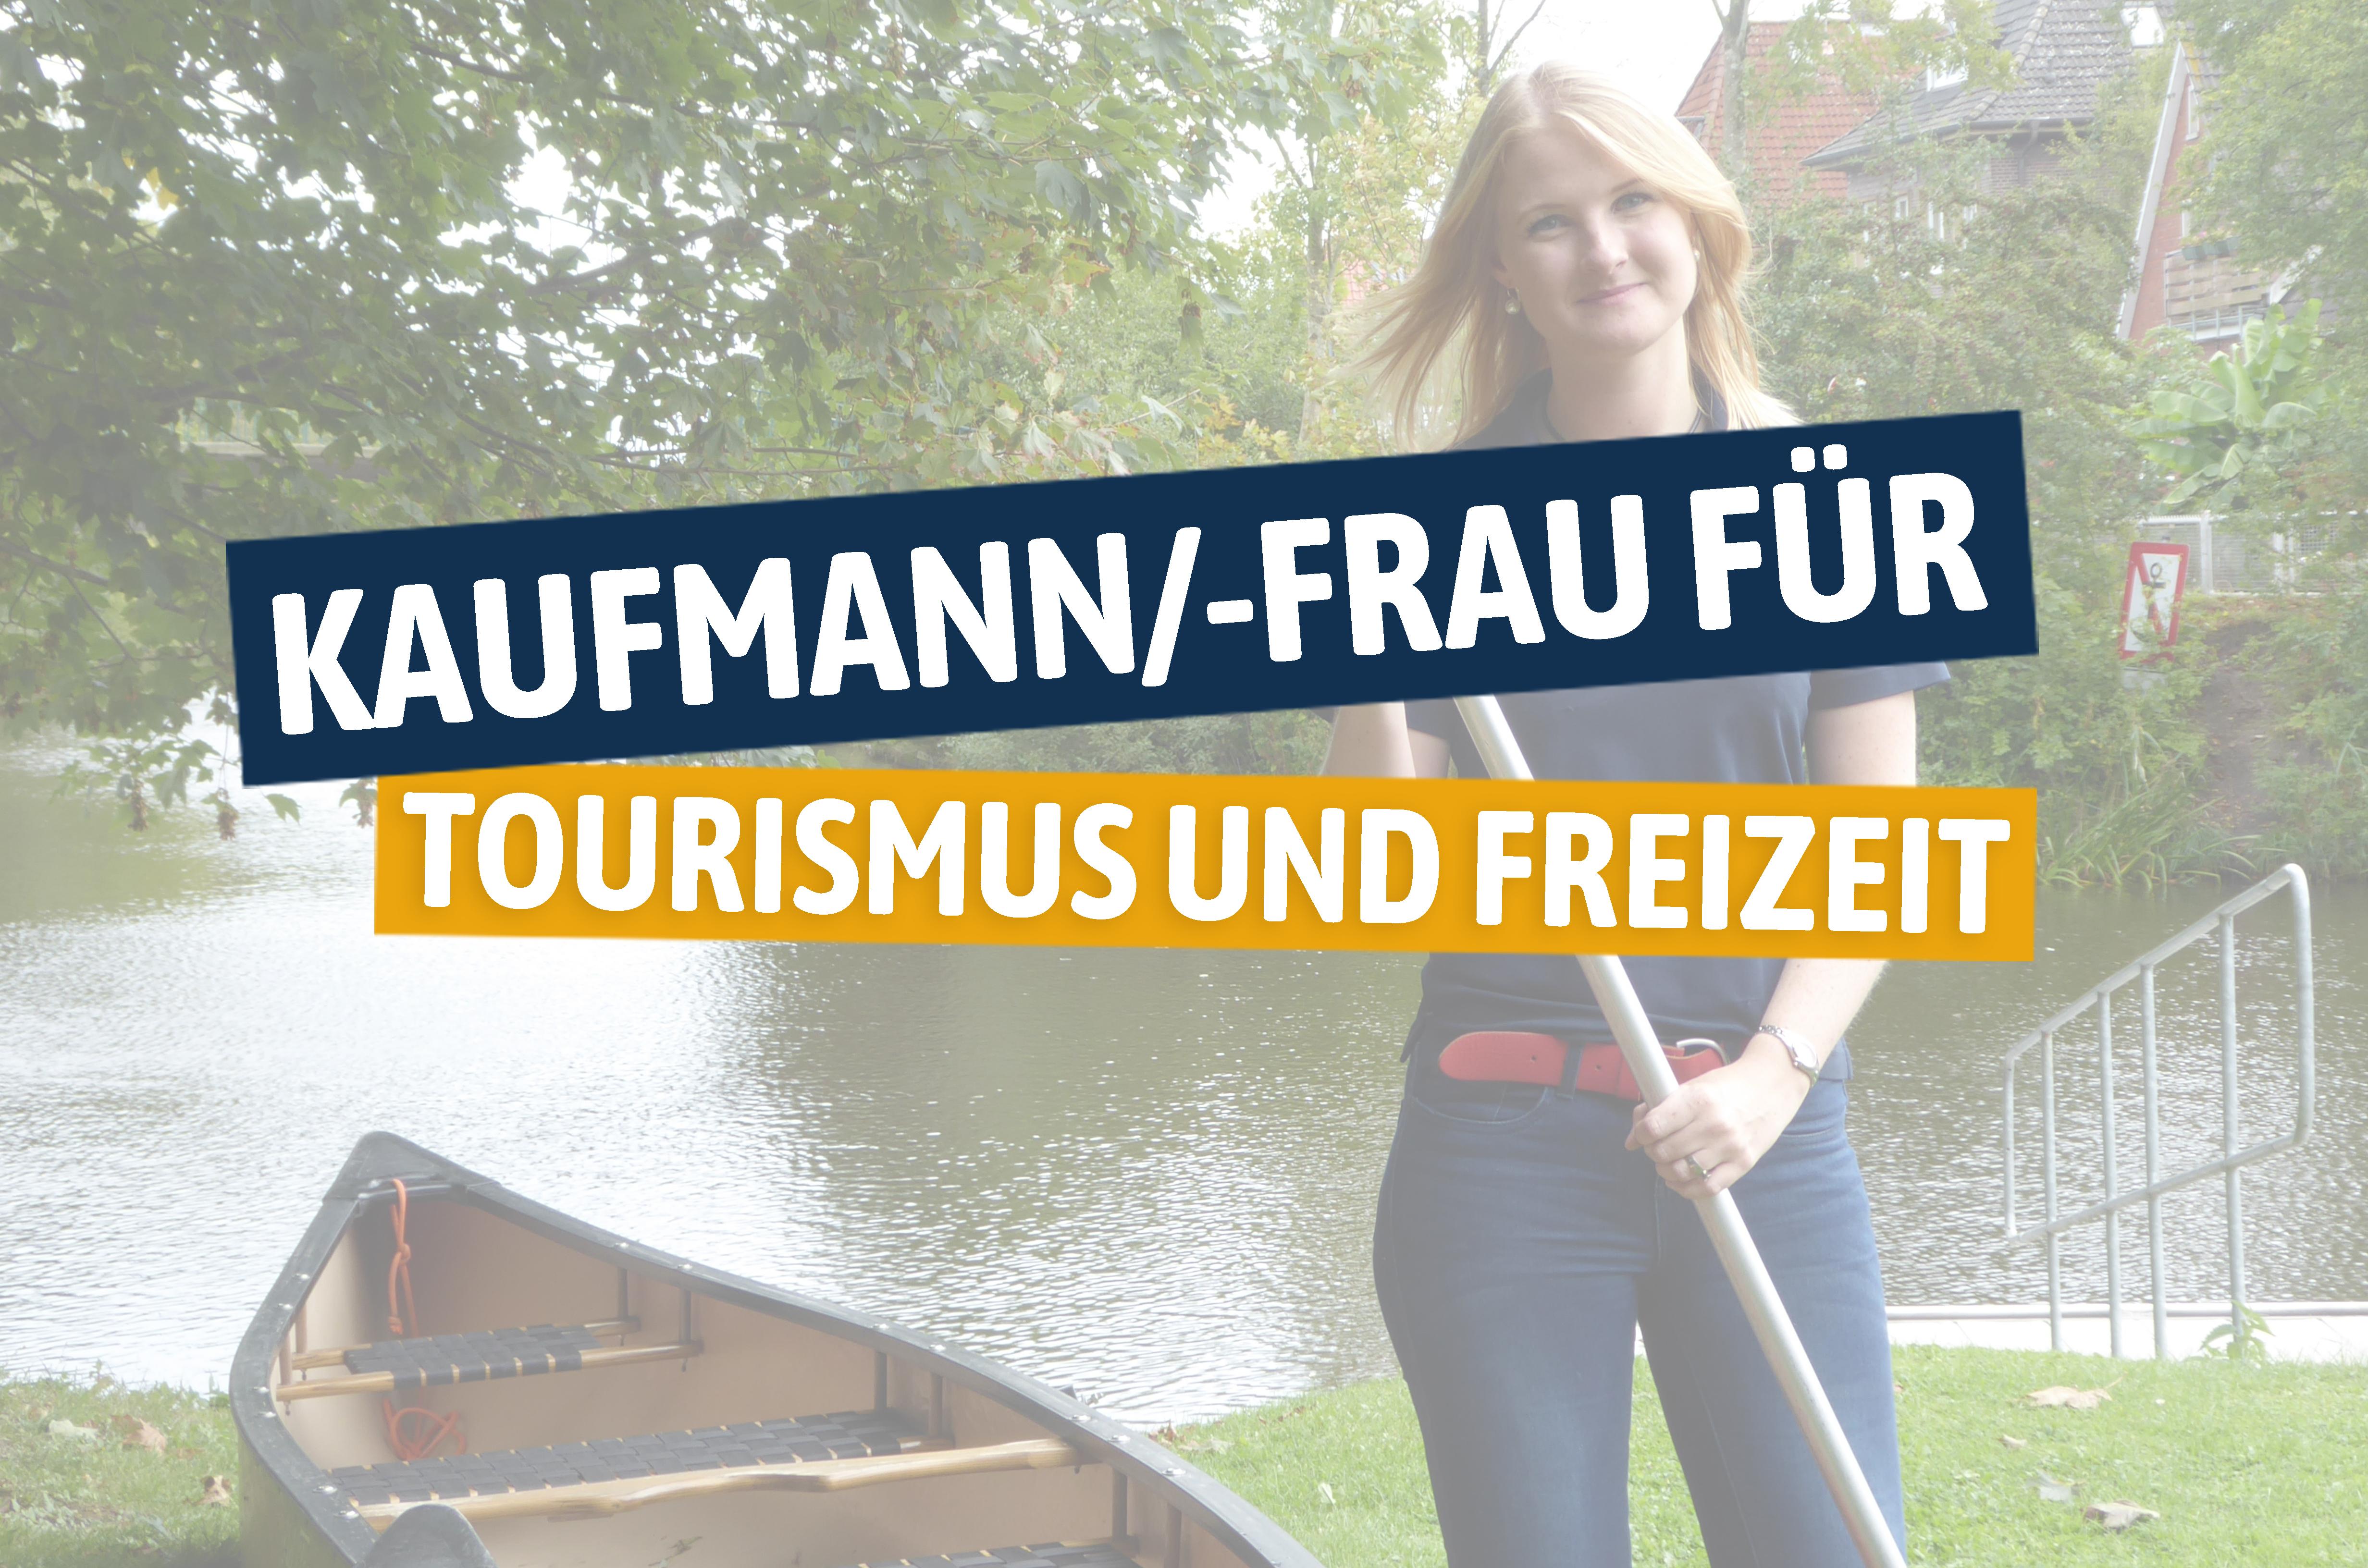 Tourismus und Freizeit.jpg – AG